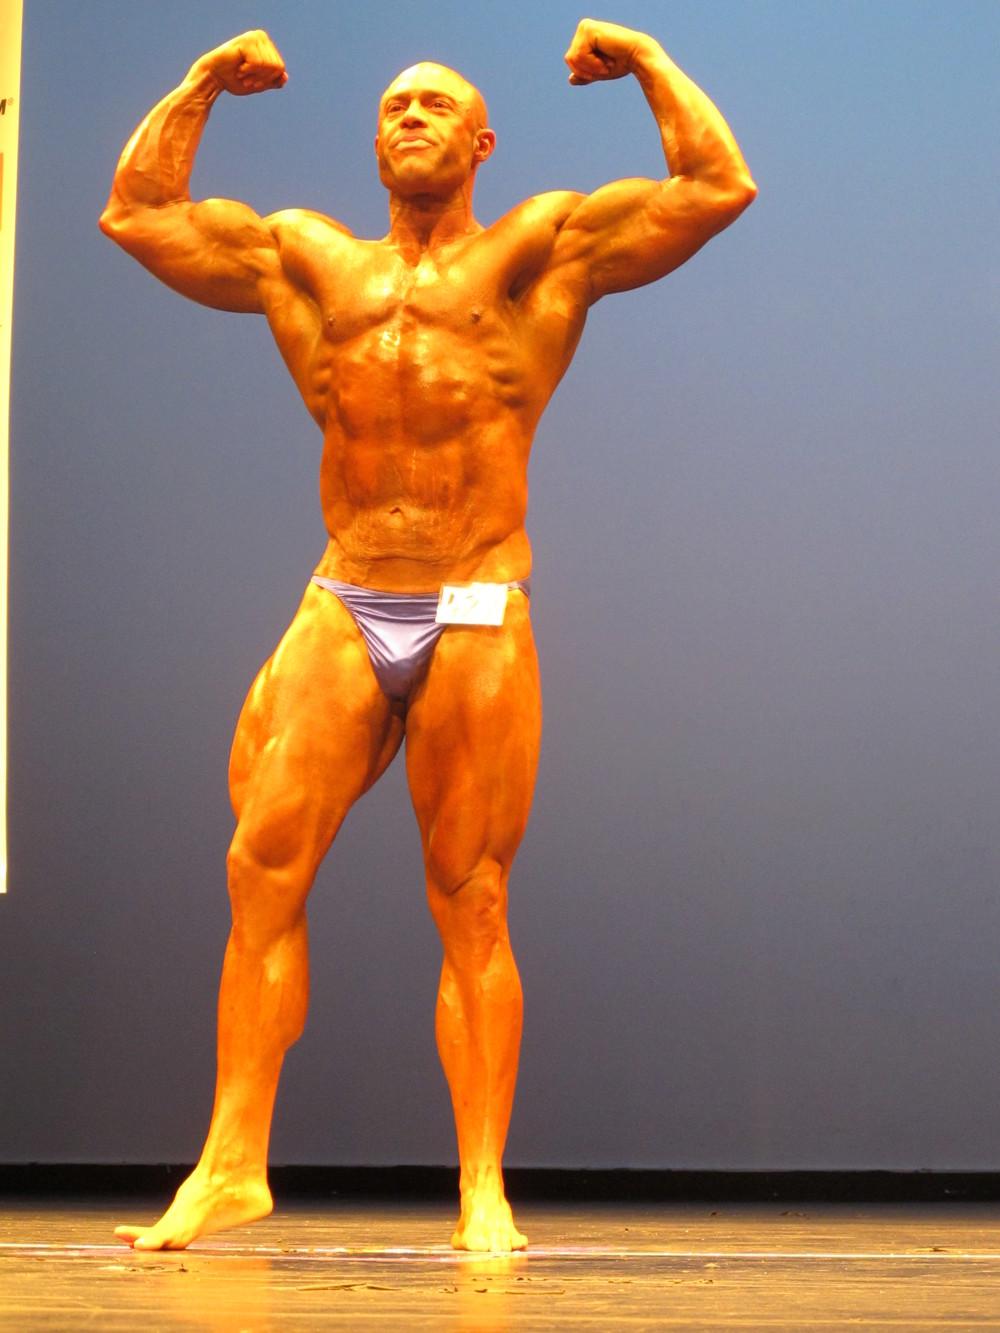 bodybuilding 241.jpg